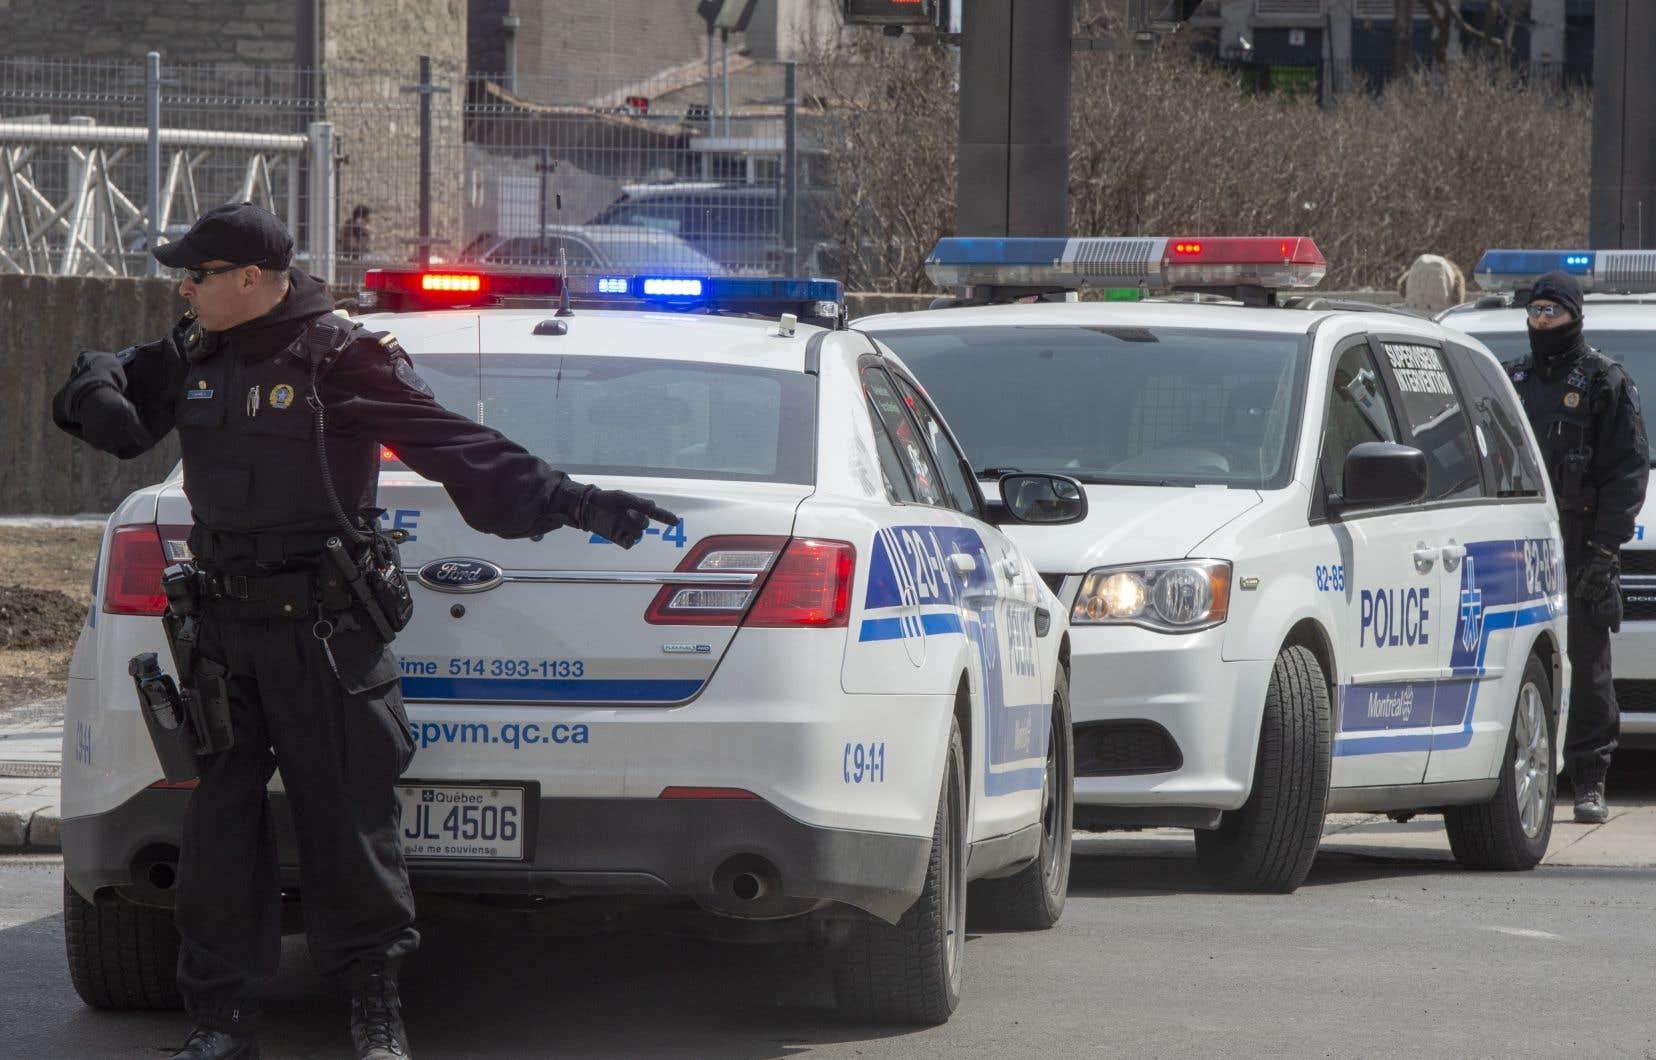 Le Service de police de la Ville de Montréal confirme qu'il enquête sur des plaintes de voies de fait et de vol et possiblement des cas de harcèlement et de menaces.